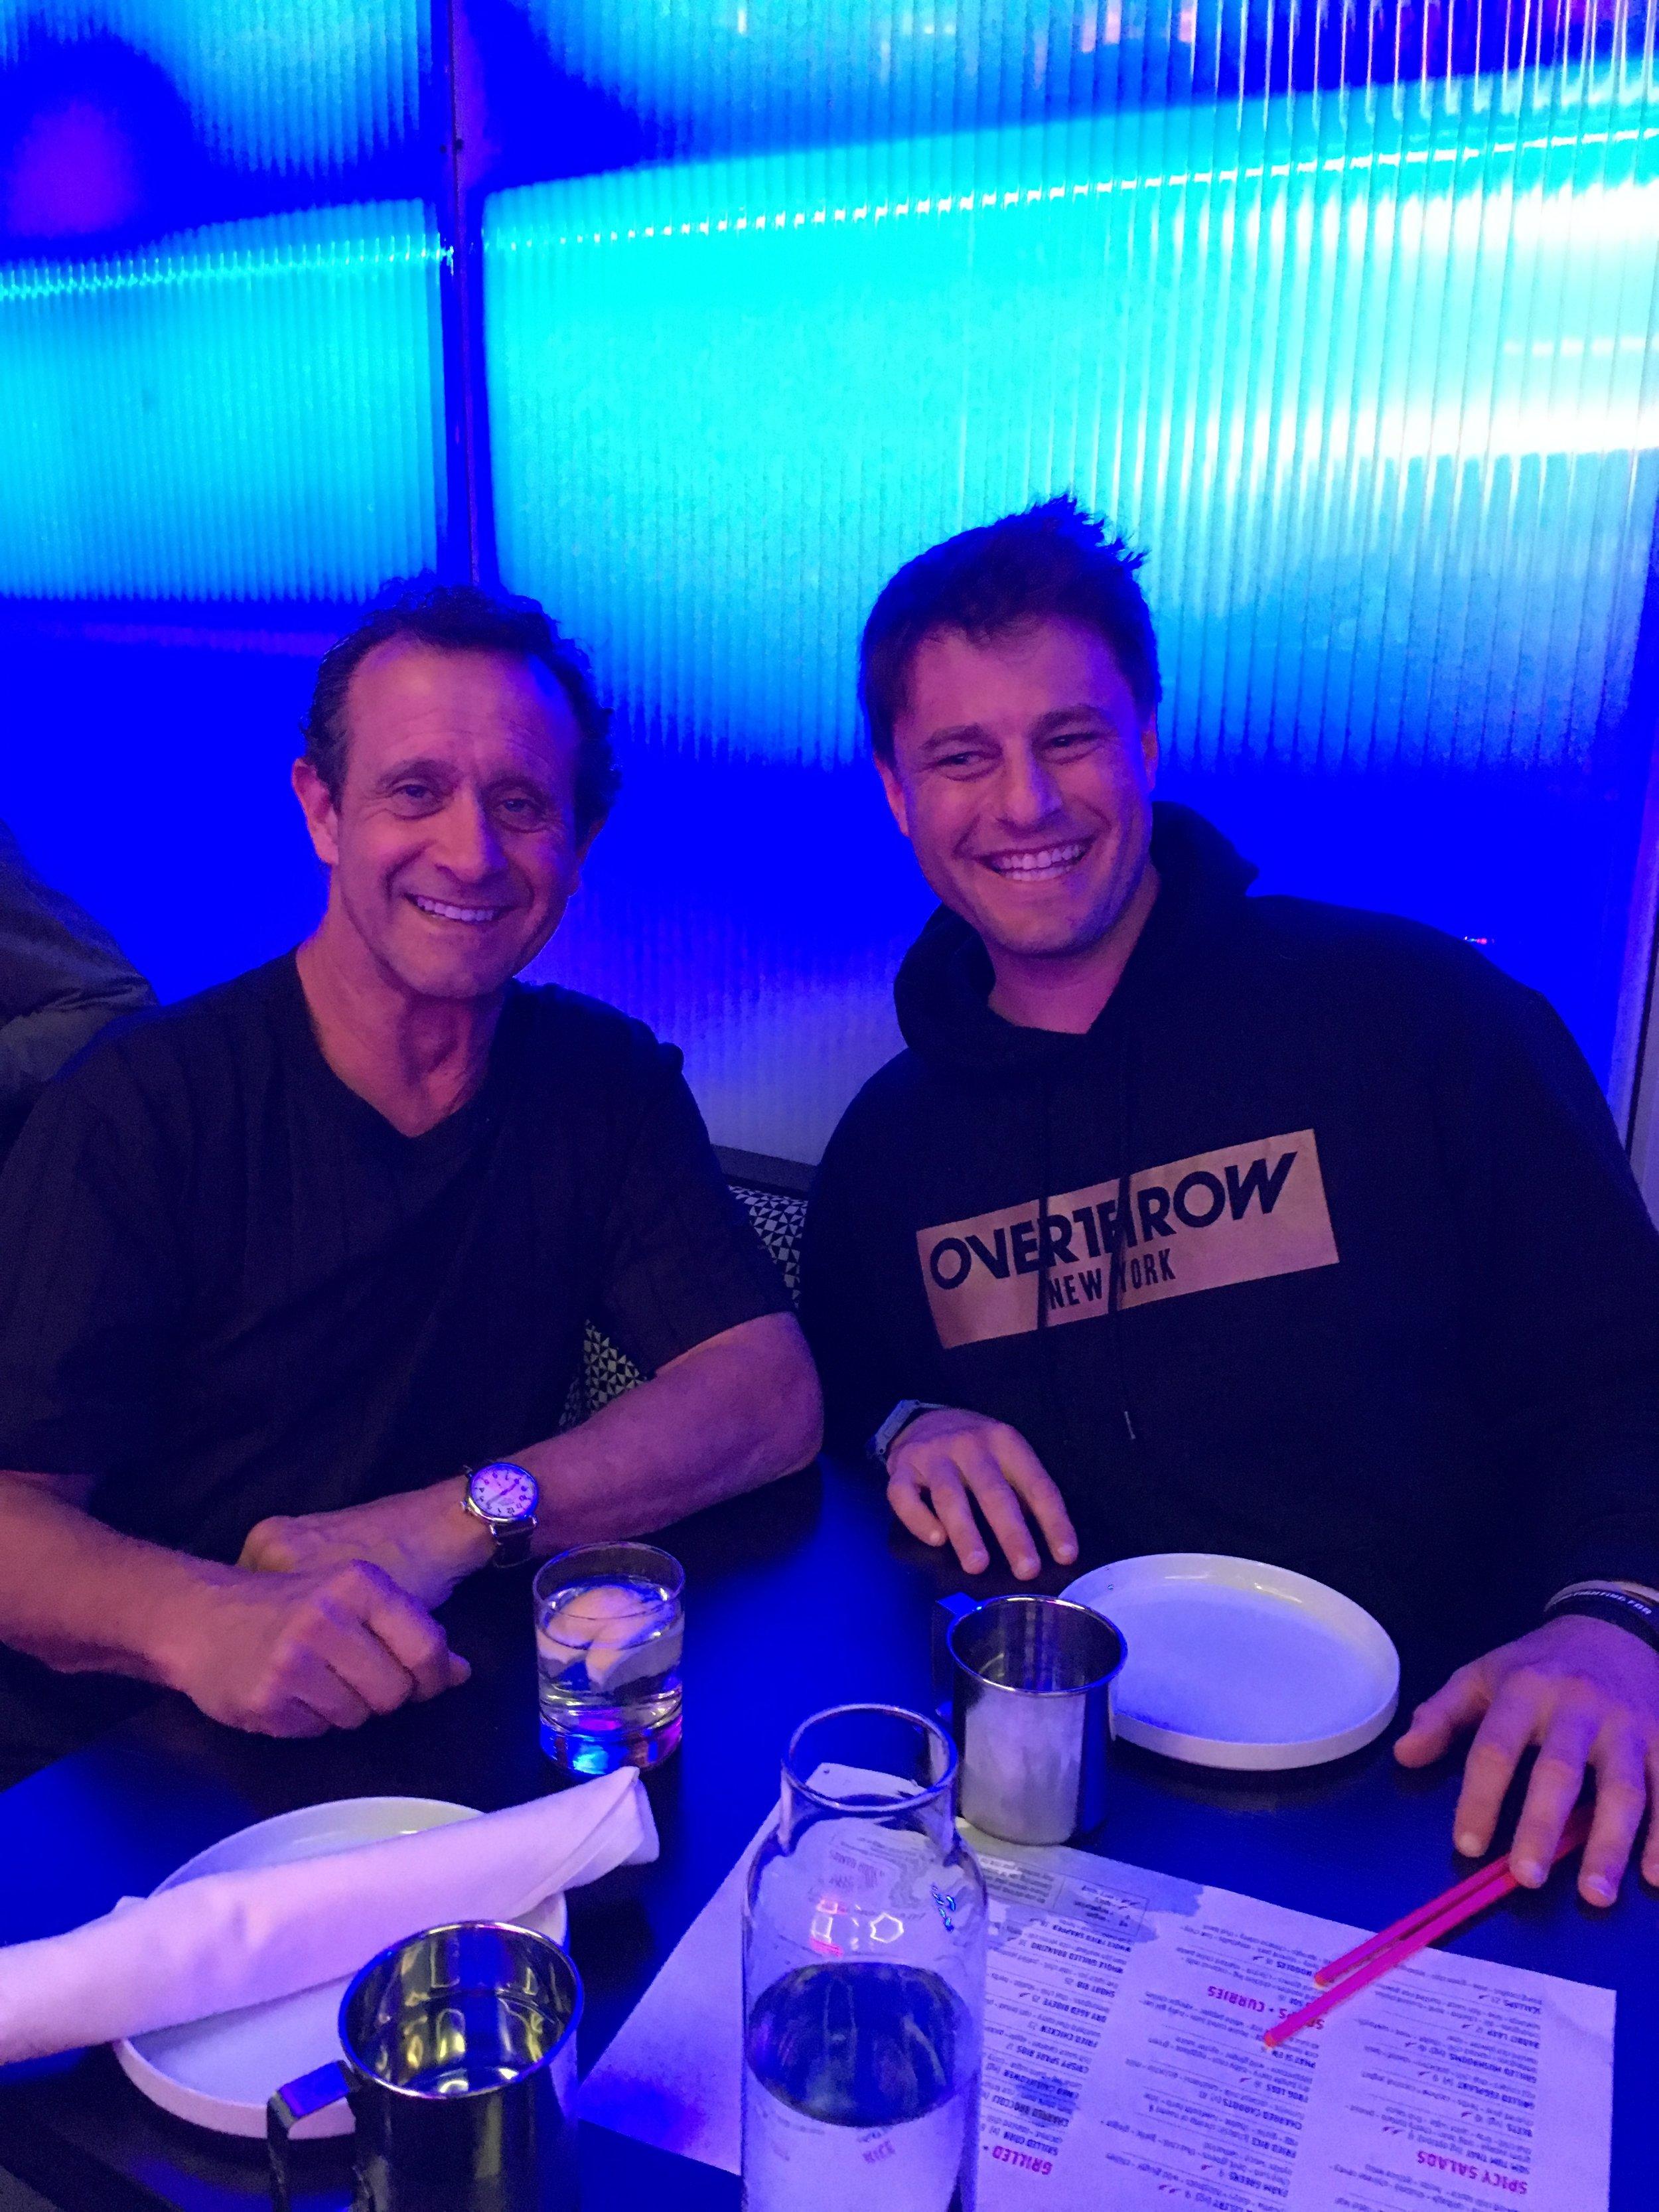 Randy Pardy and Joey Goodwin (Overthrow NY) at TAKOI.